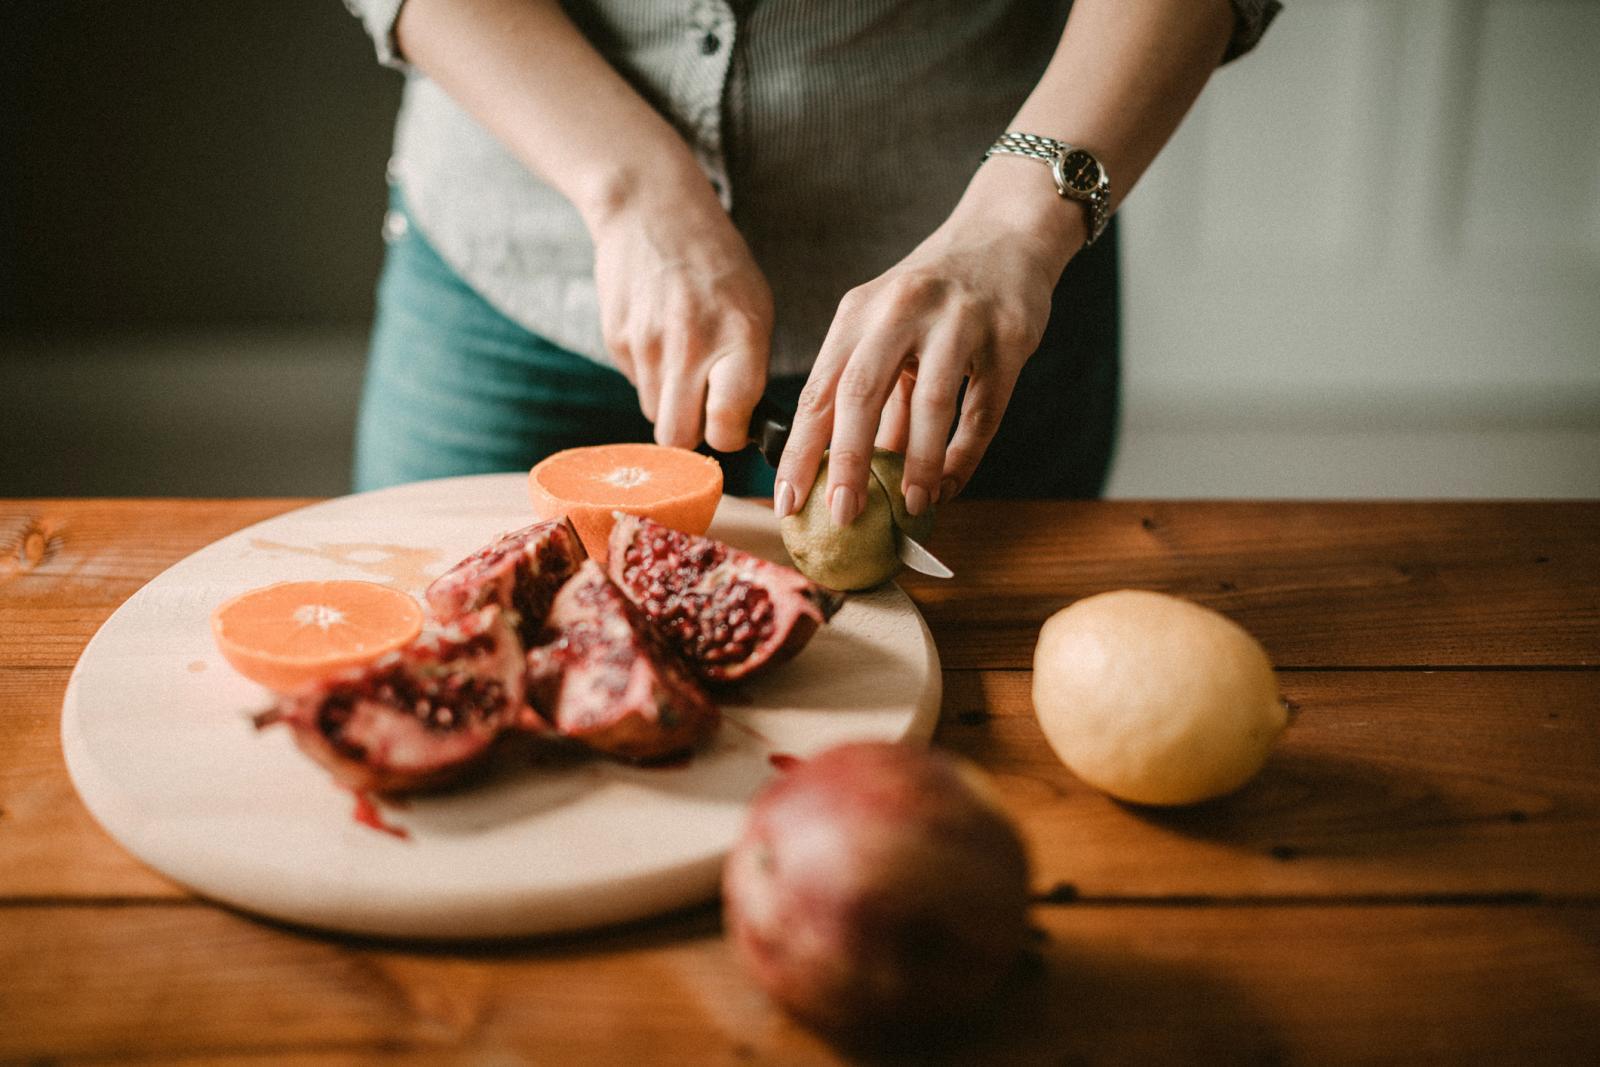 Bogat su izvor antioksidansa, stimuliraju probavu, smanjuju kolesterol...